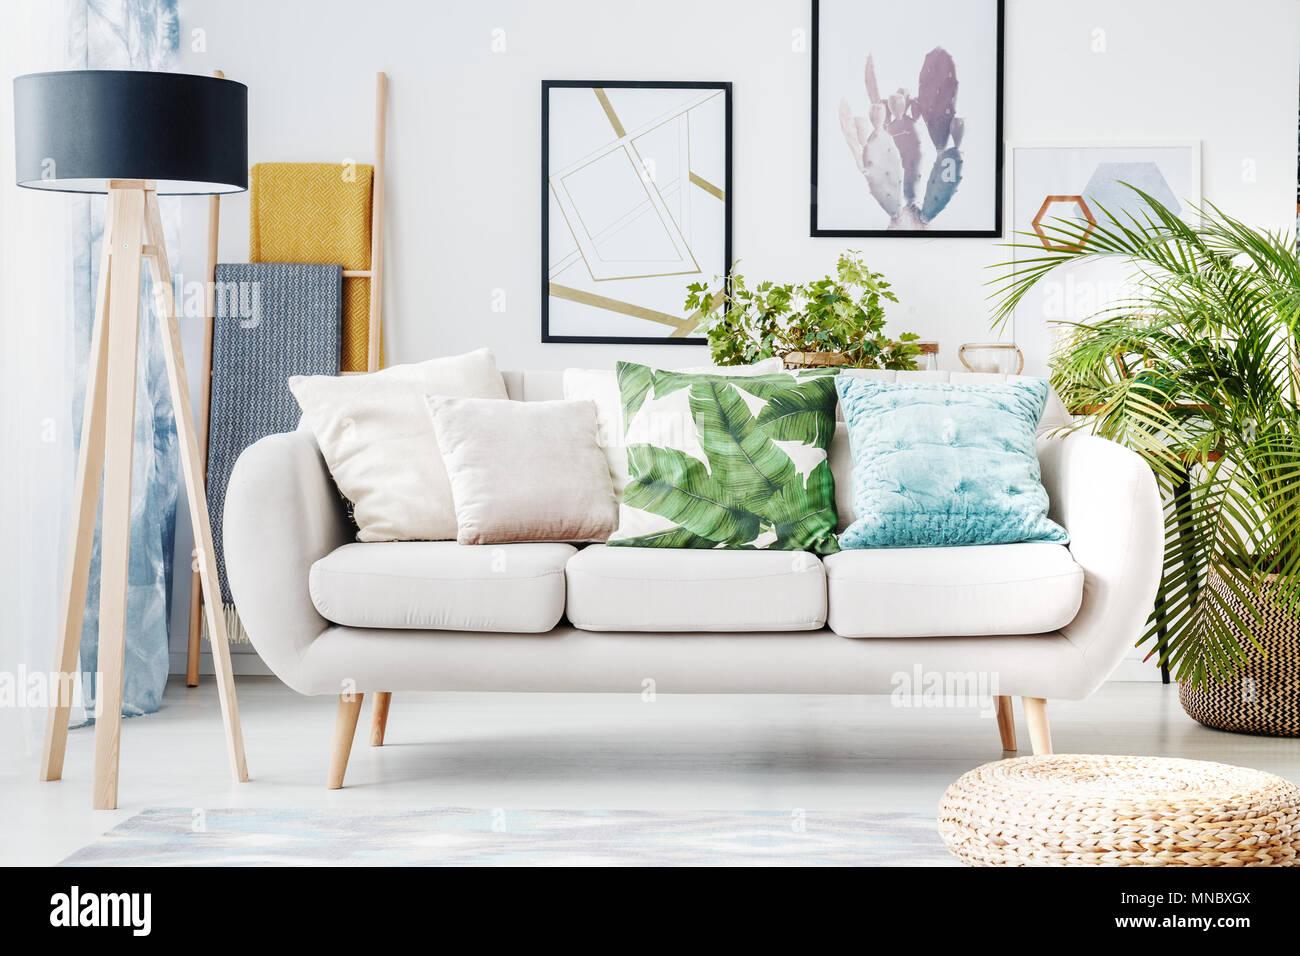 Gut Geblümten Sitzkissen Beige Sofa Und Poster An Der Wand Im Wohnzimmer Mit  Pouf, Lampe Und Anlage